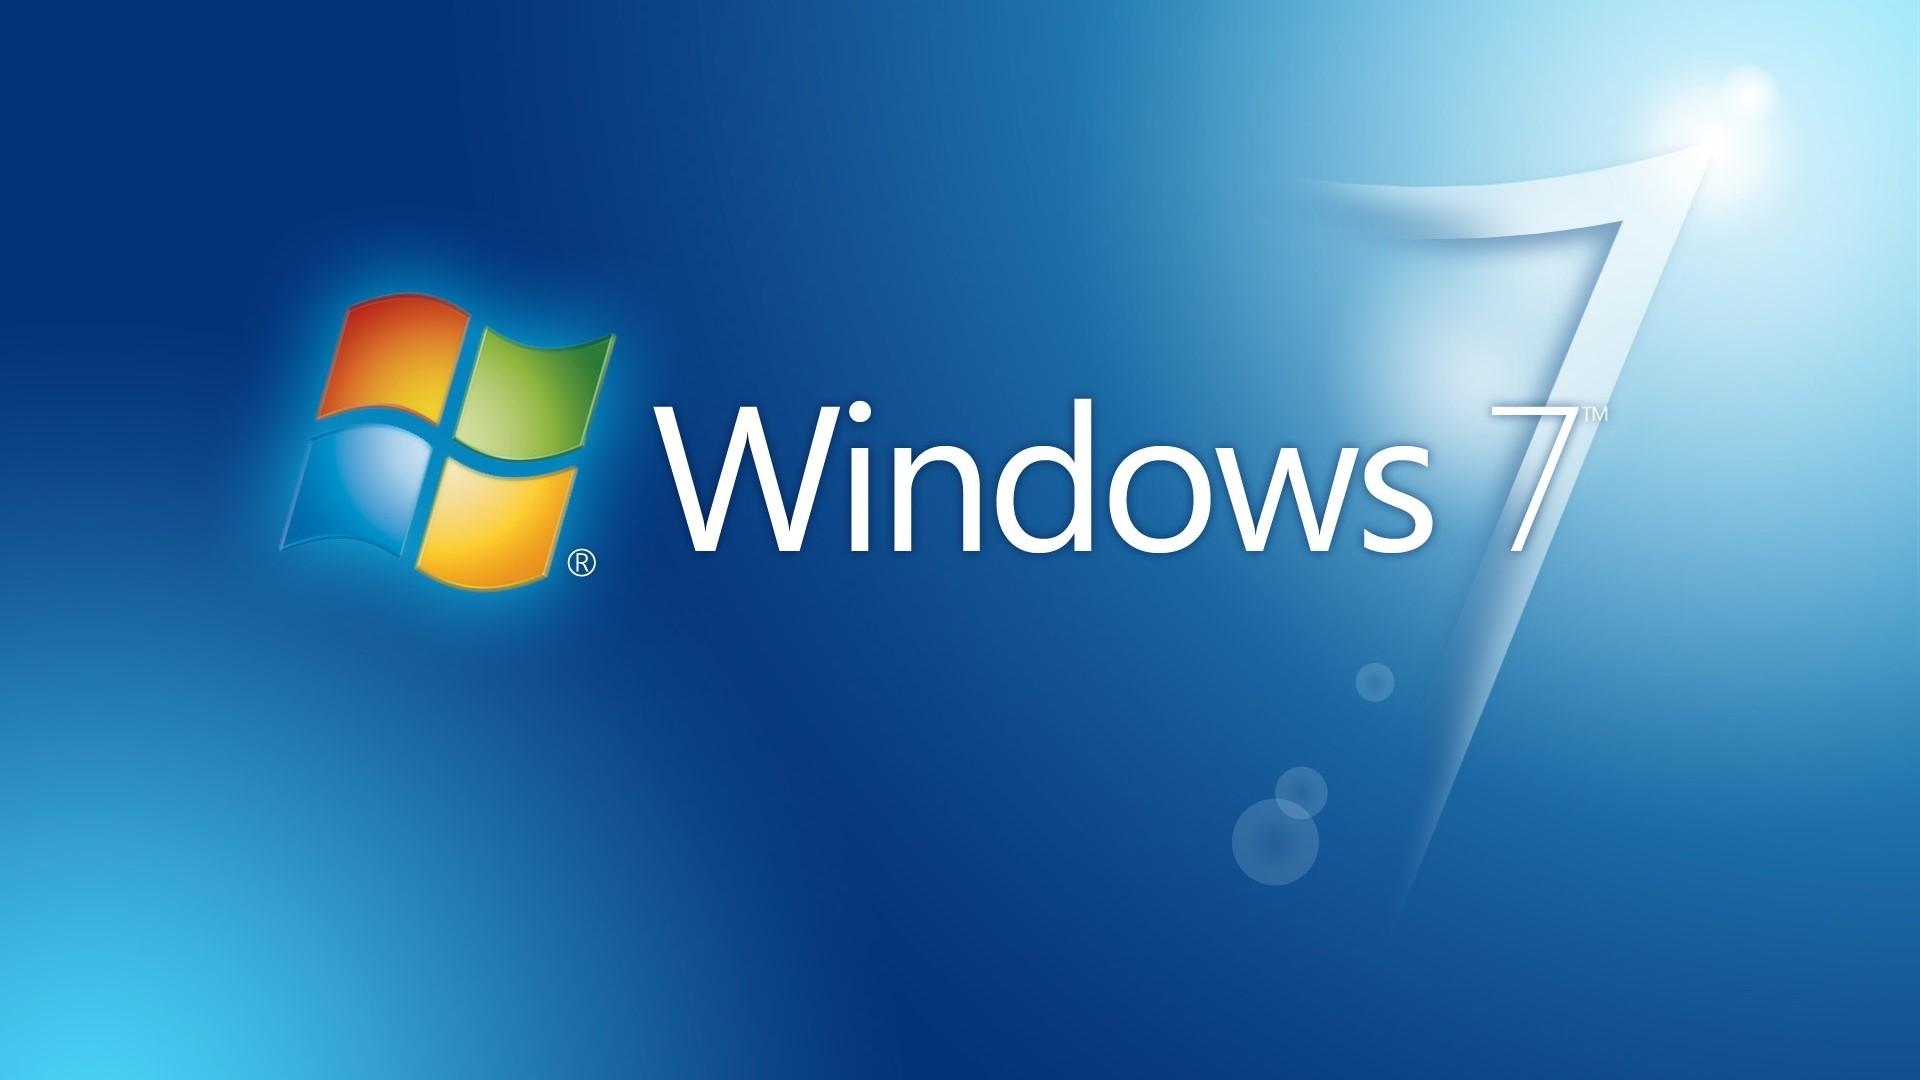 Microsoft 在2009年10月22日发布了Windows 7